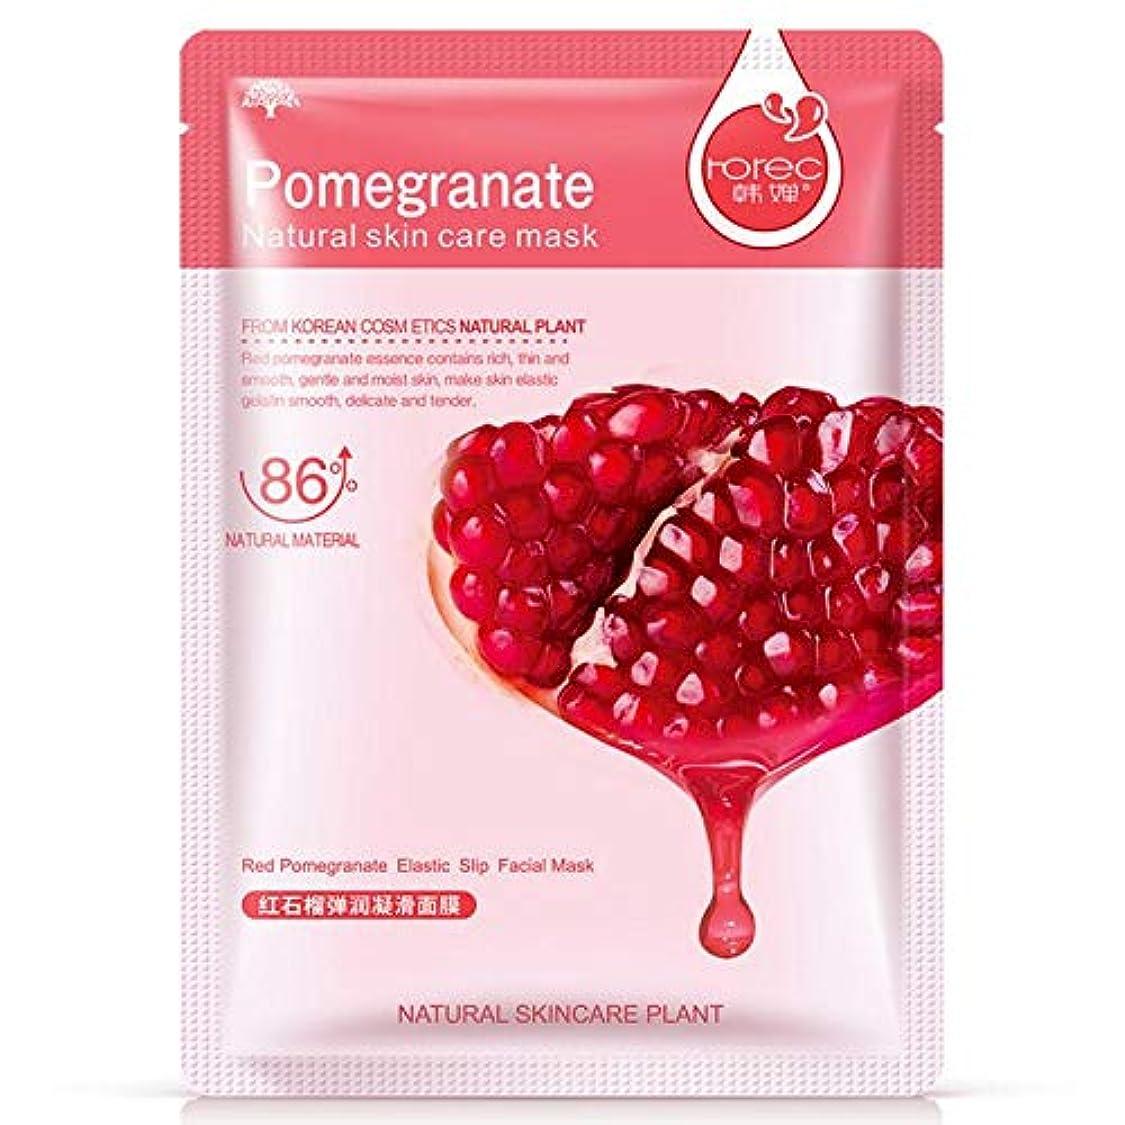 踊り子チョップ栄光(Pomegranate) Skin Care Plant Facial Mask Moisturizing Oil Control Blackhead Remover Wrapped Mask Face Mask Face...